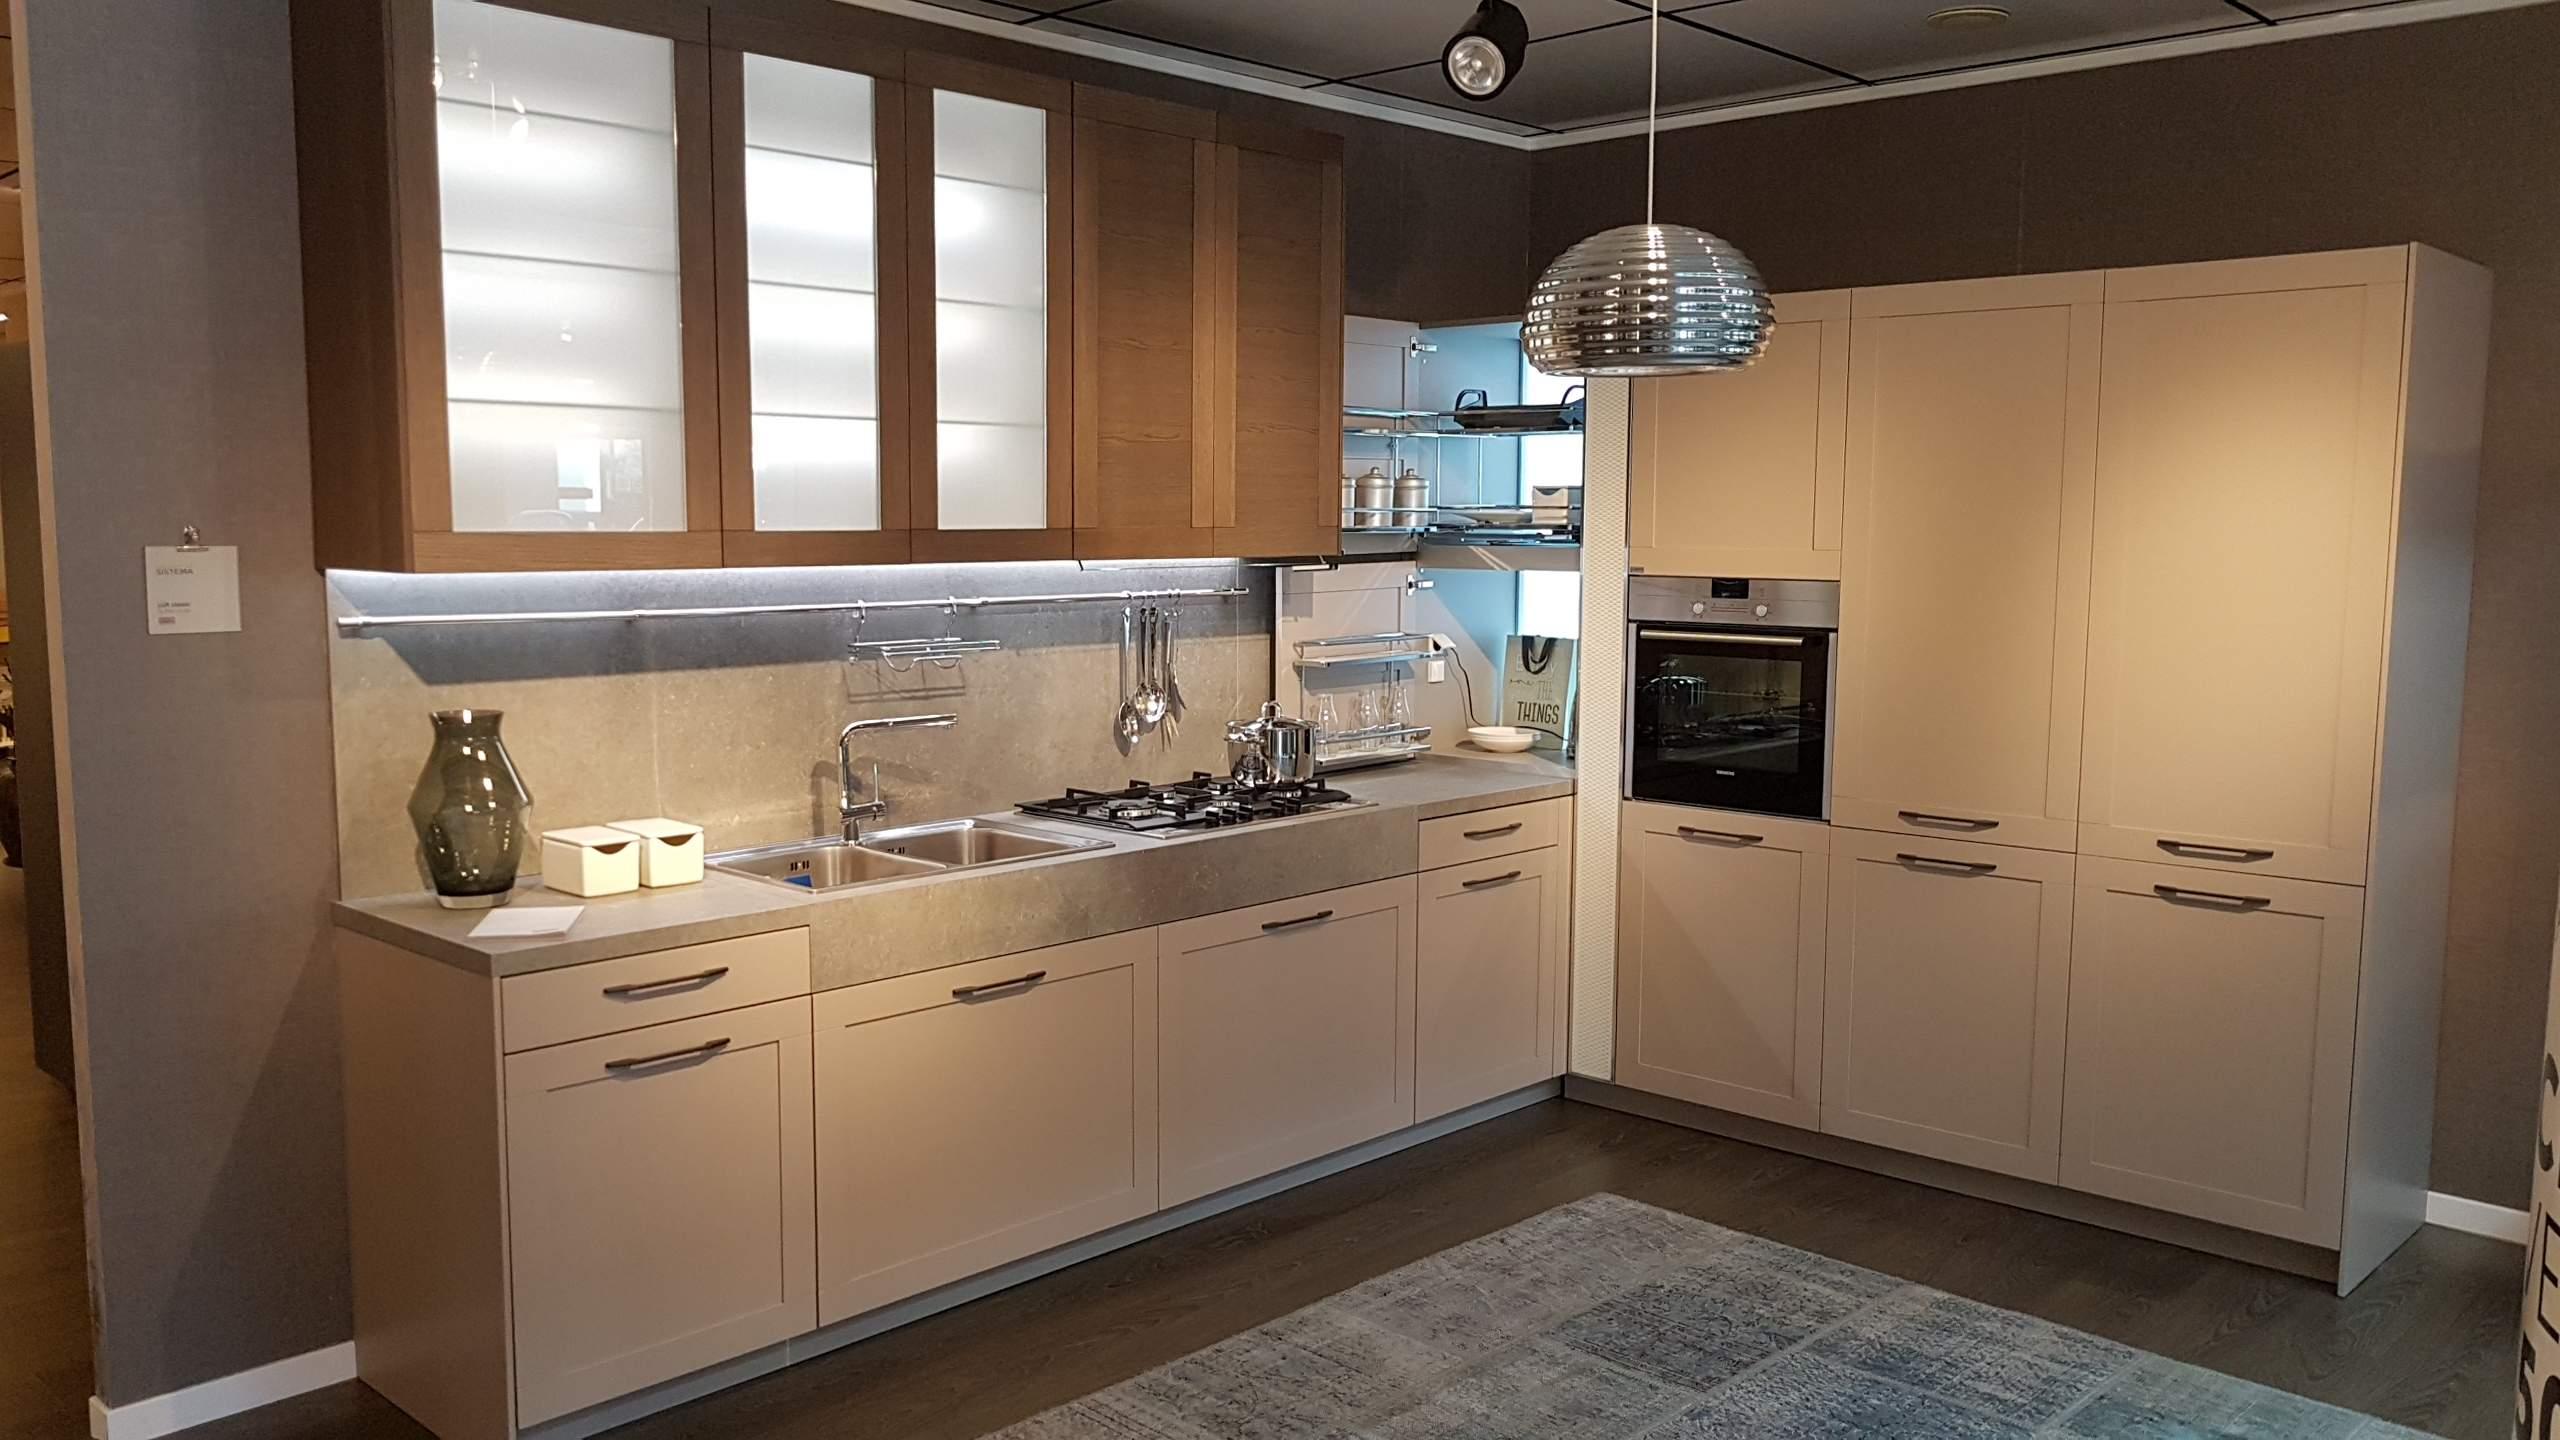 Gm cucine prezzi amazing gm cucine with gm cucine prezzi cucine artec paragon cemento artico - Cucine snaidero opinioni ...